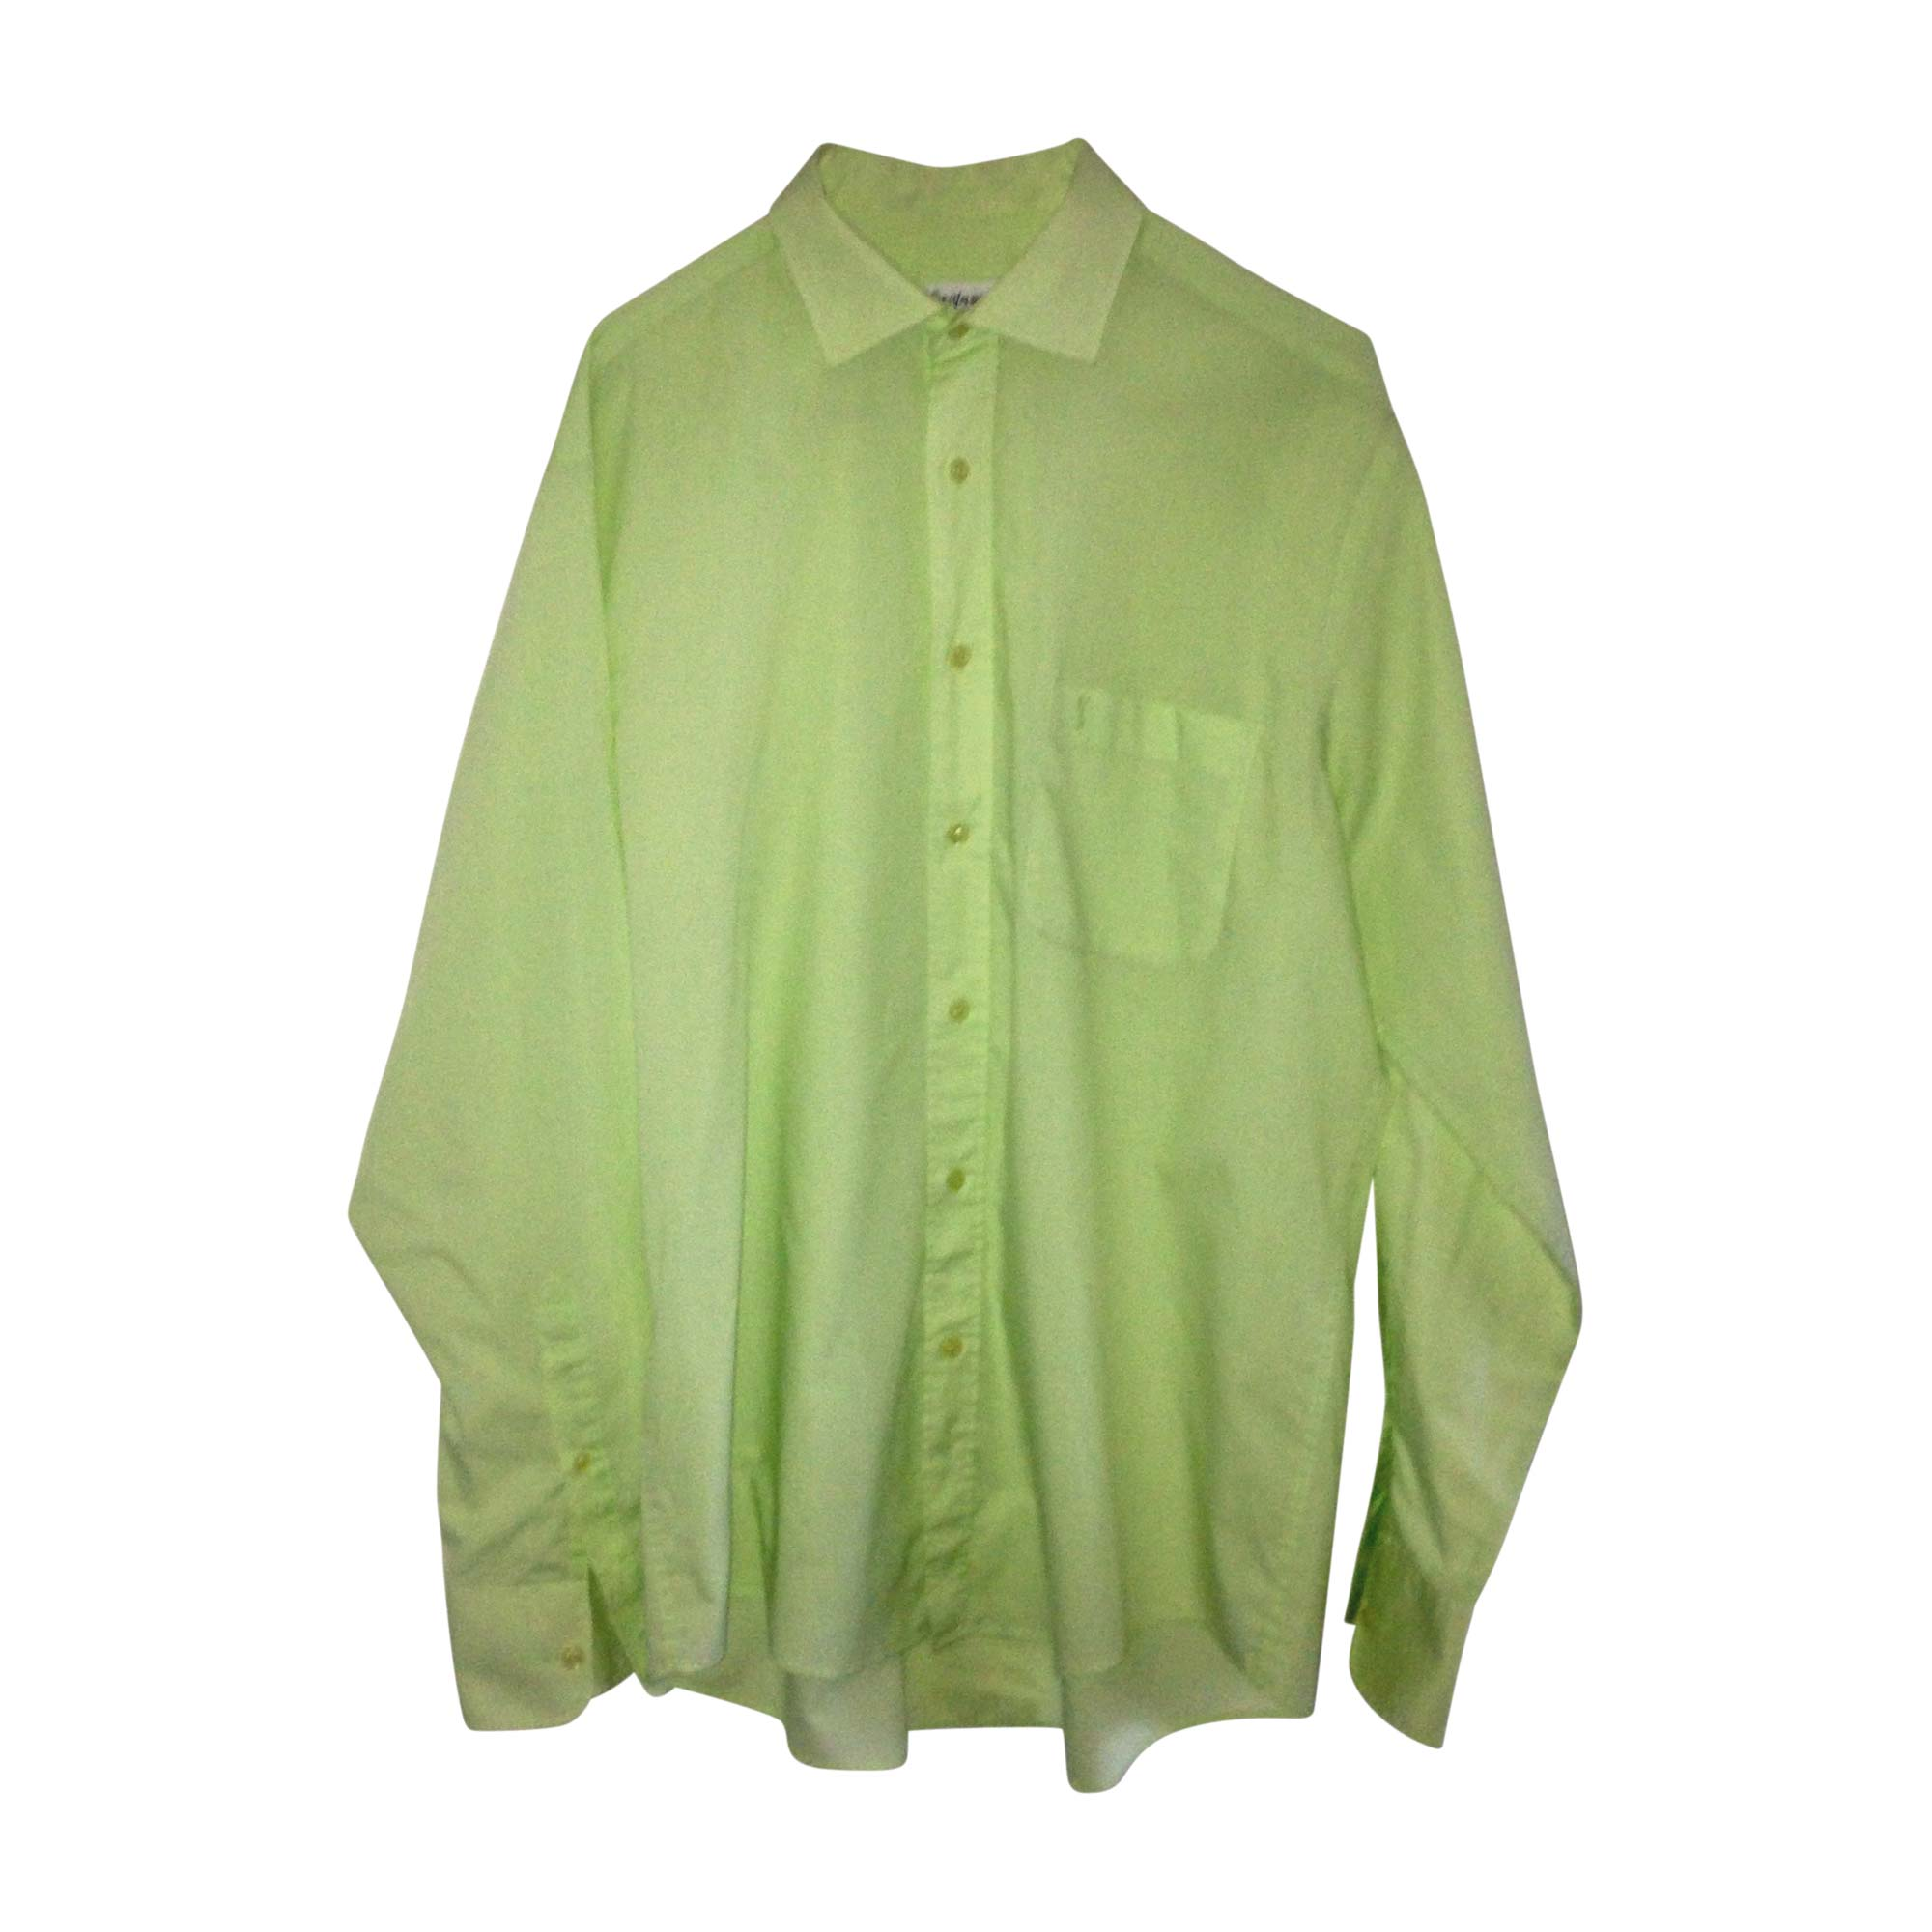 chemise yves saint laurent 41 42 l vert vendu par clic. Black Bedroom Furniture Sets. Home Design Ideas